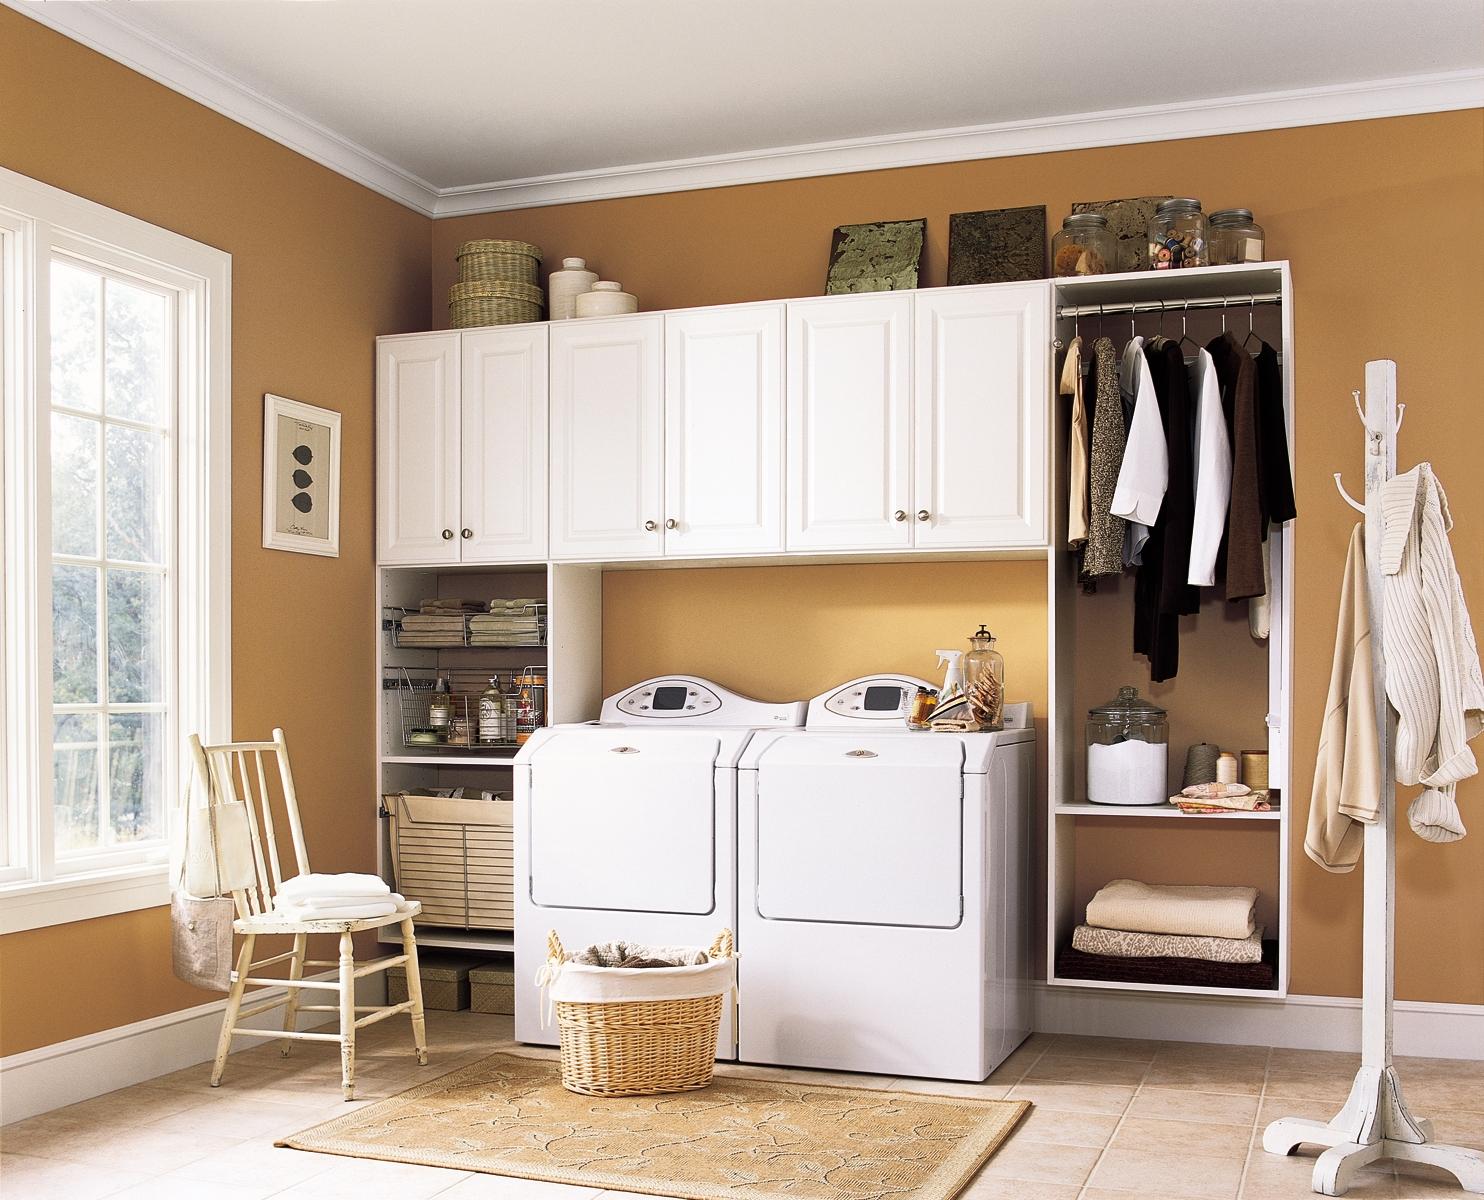 laundry-room-ideas laundry room ideas